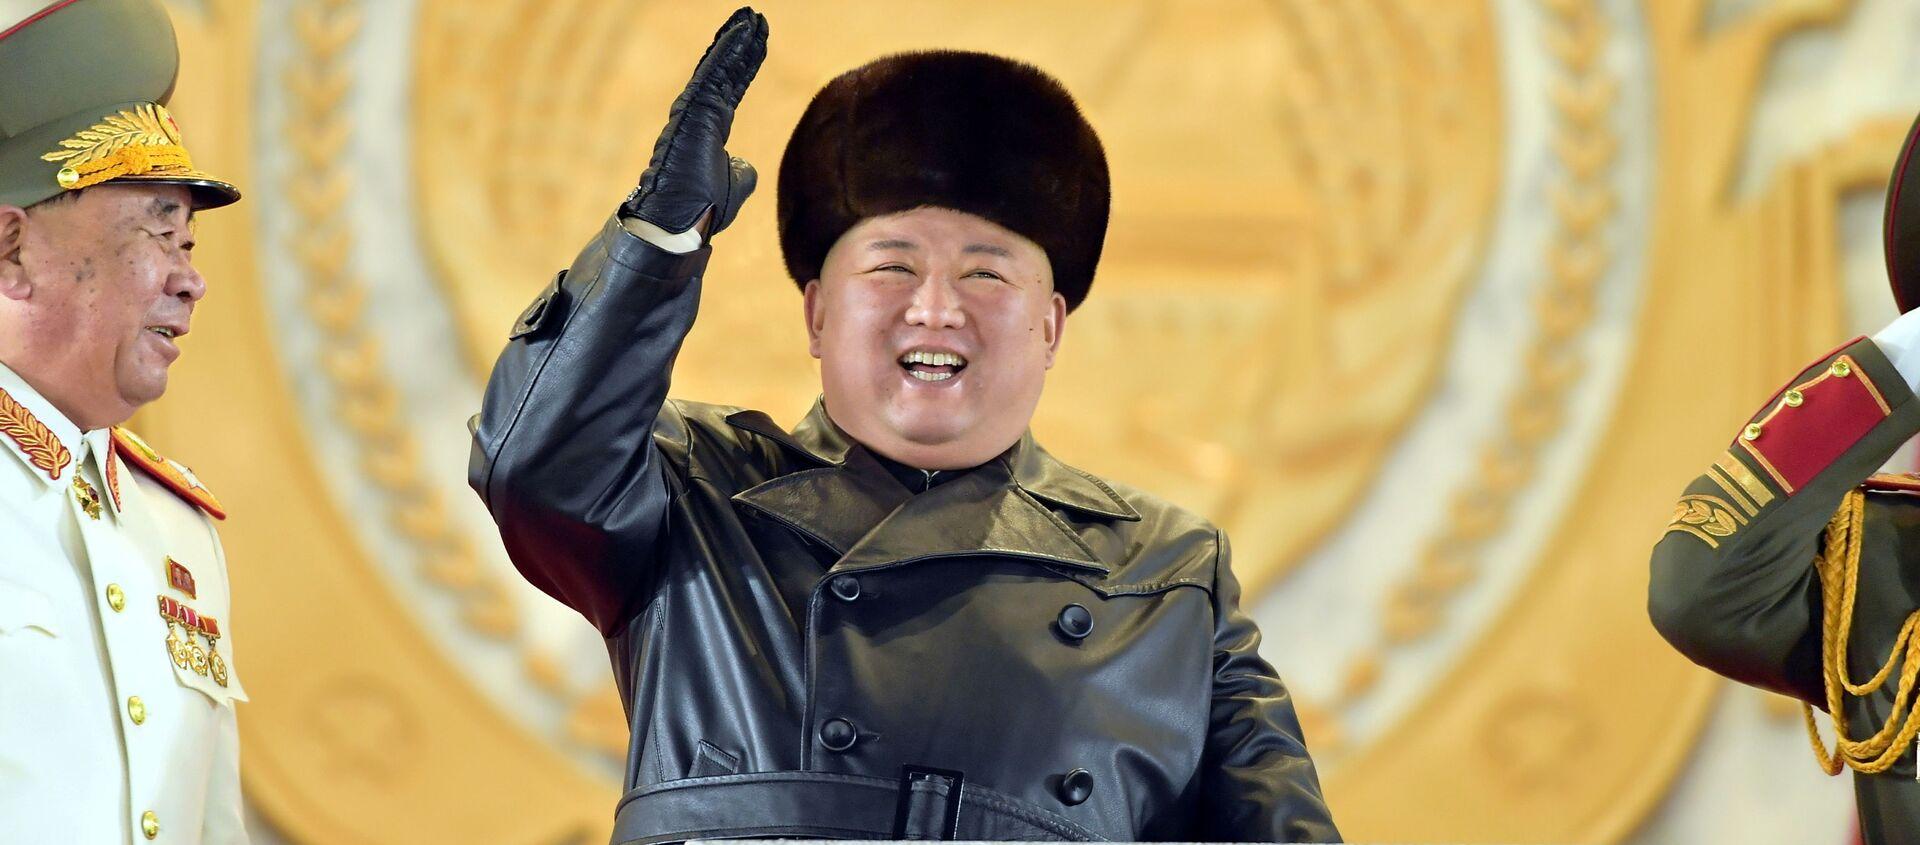 Il leader della Corea del Nord Kim Jong-un saluta i partecipanti alla parata militare.  - Sputnik Italia, 1920, 16.01.2021